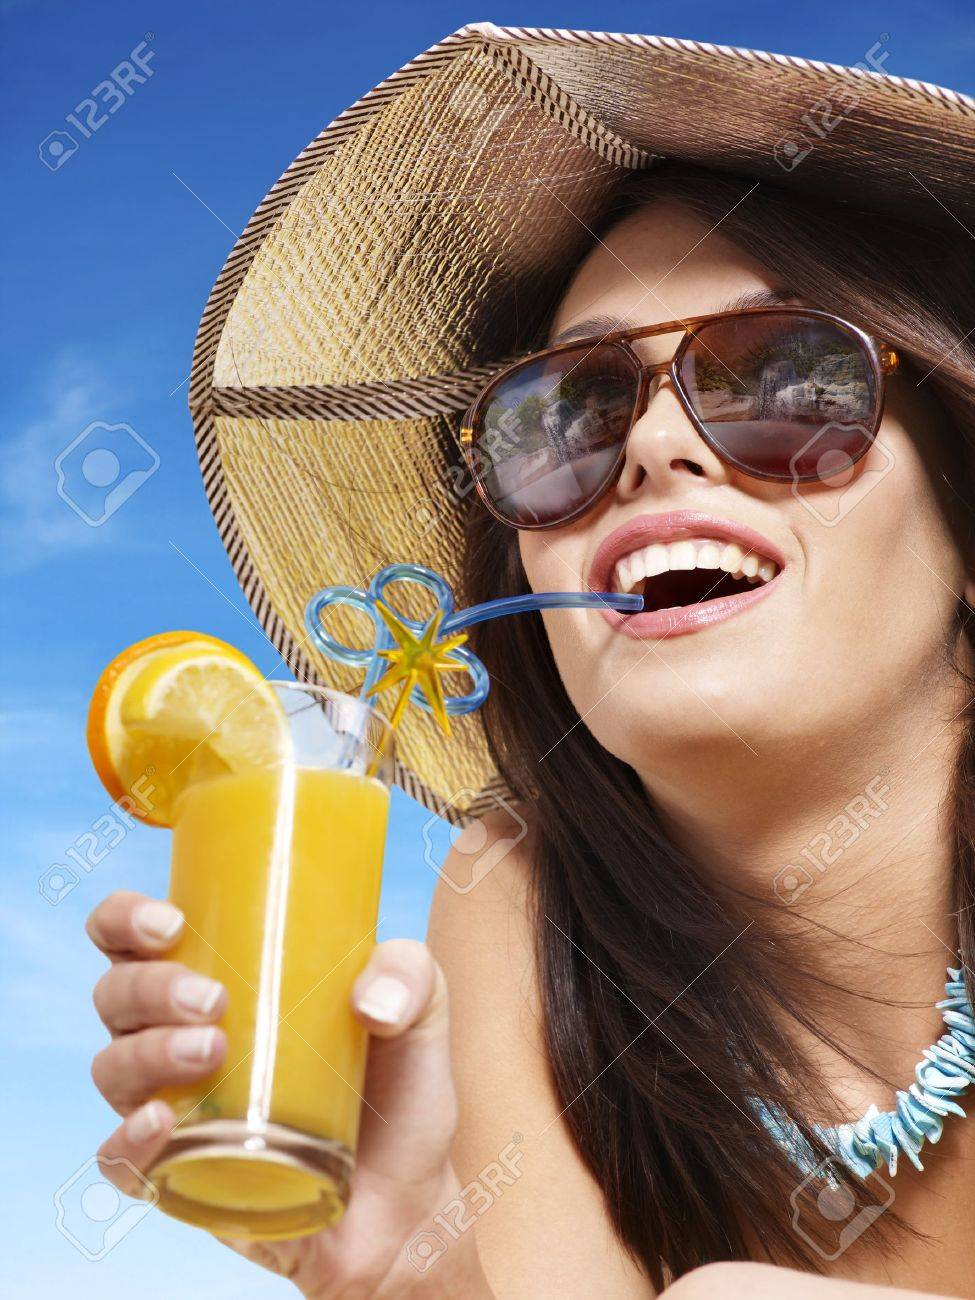 Girl in bikini drink juice through a straw. - 9385732